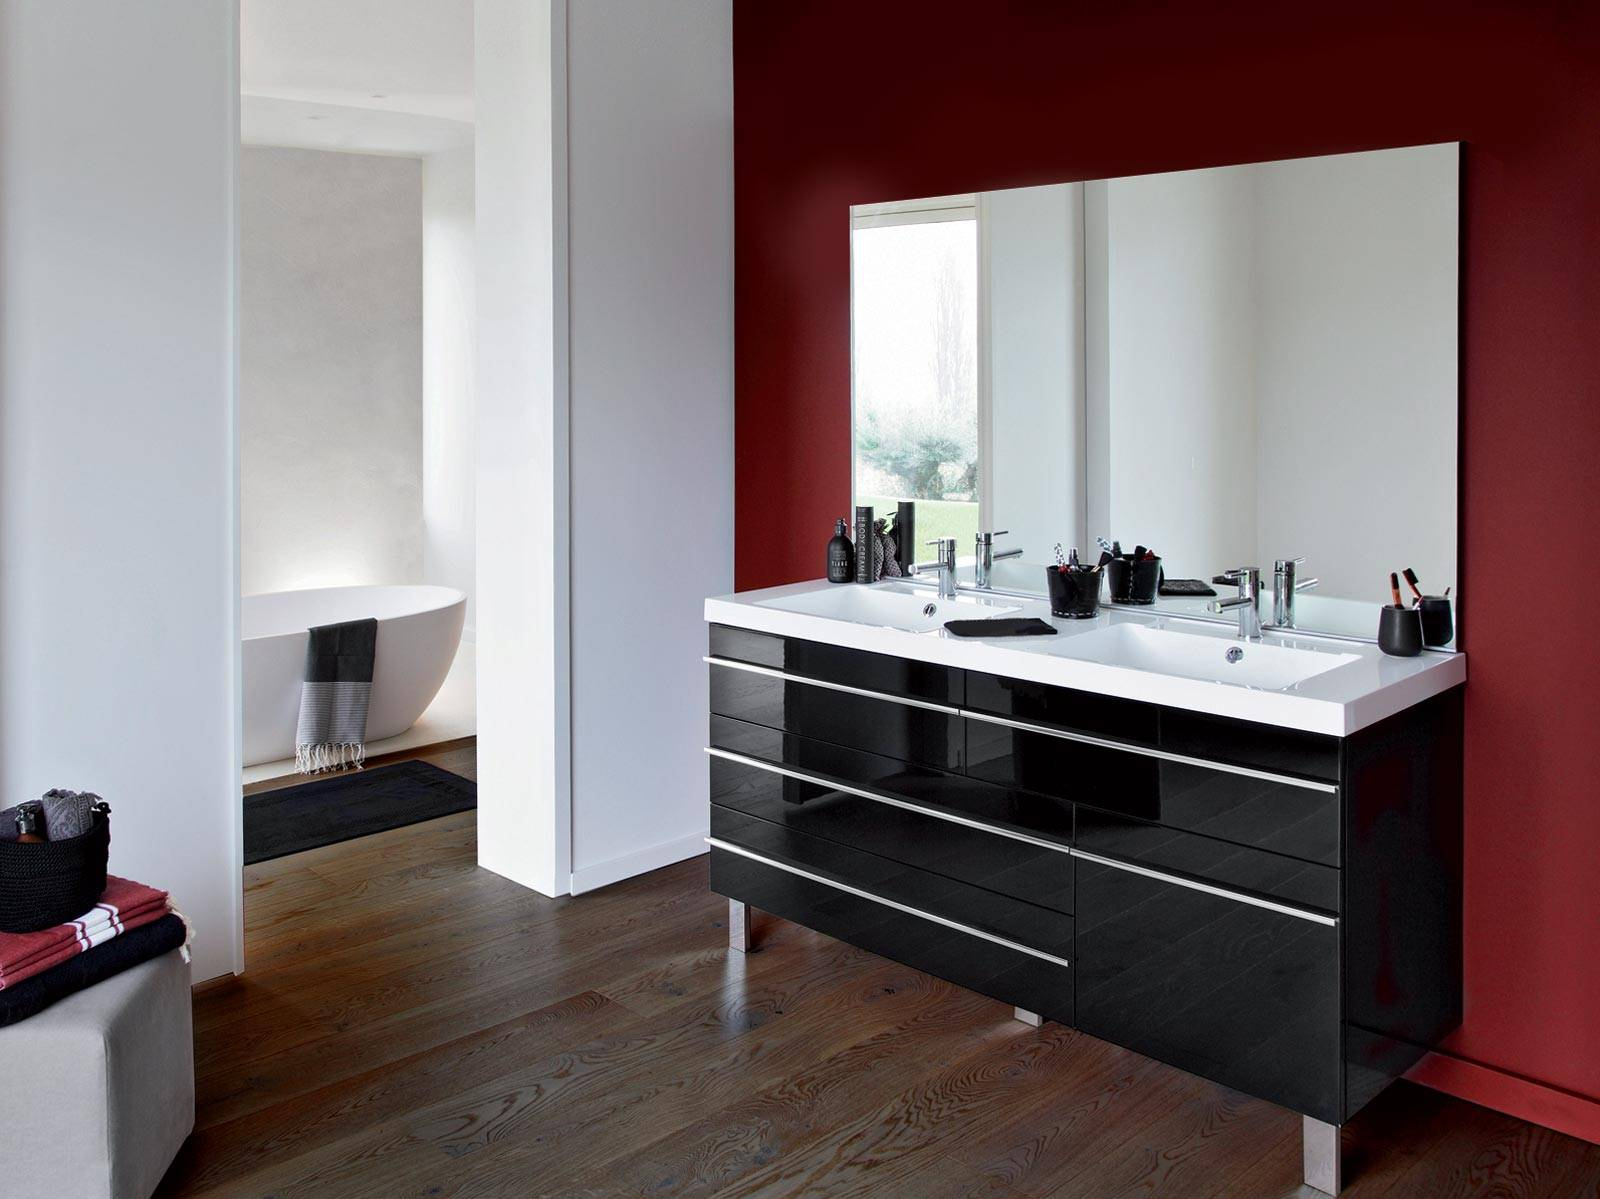 MEUBLE CLASSIQUE RIVOLI DECOTEC - Magasin pour vente de meubles de ...